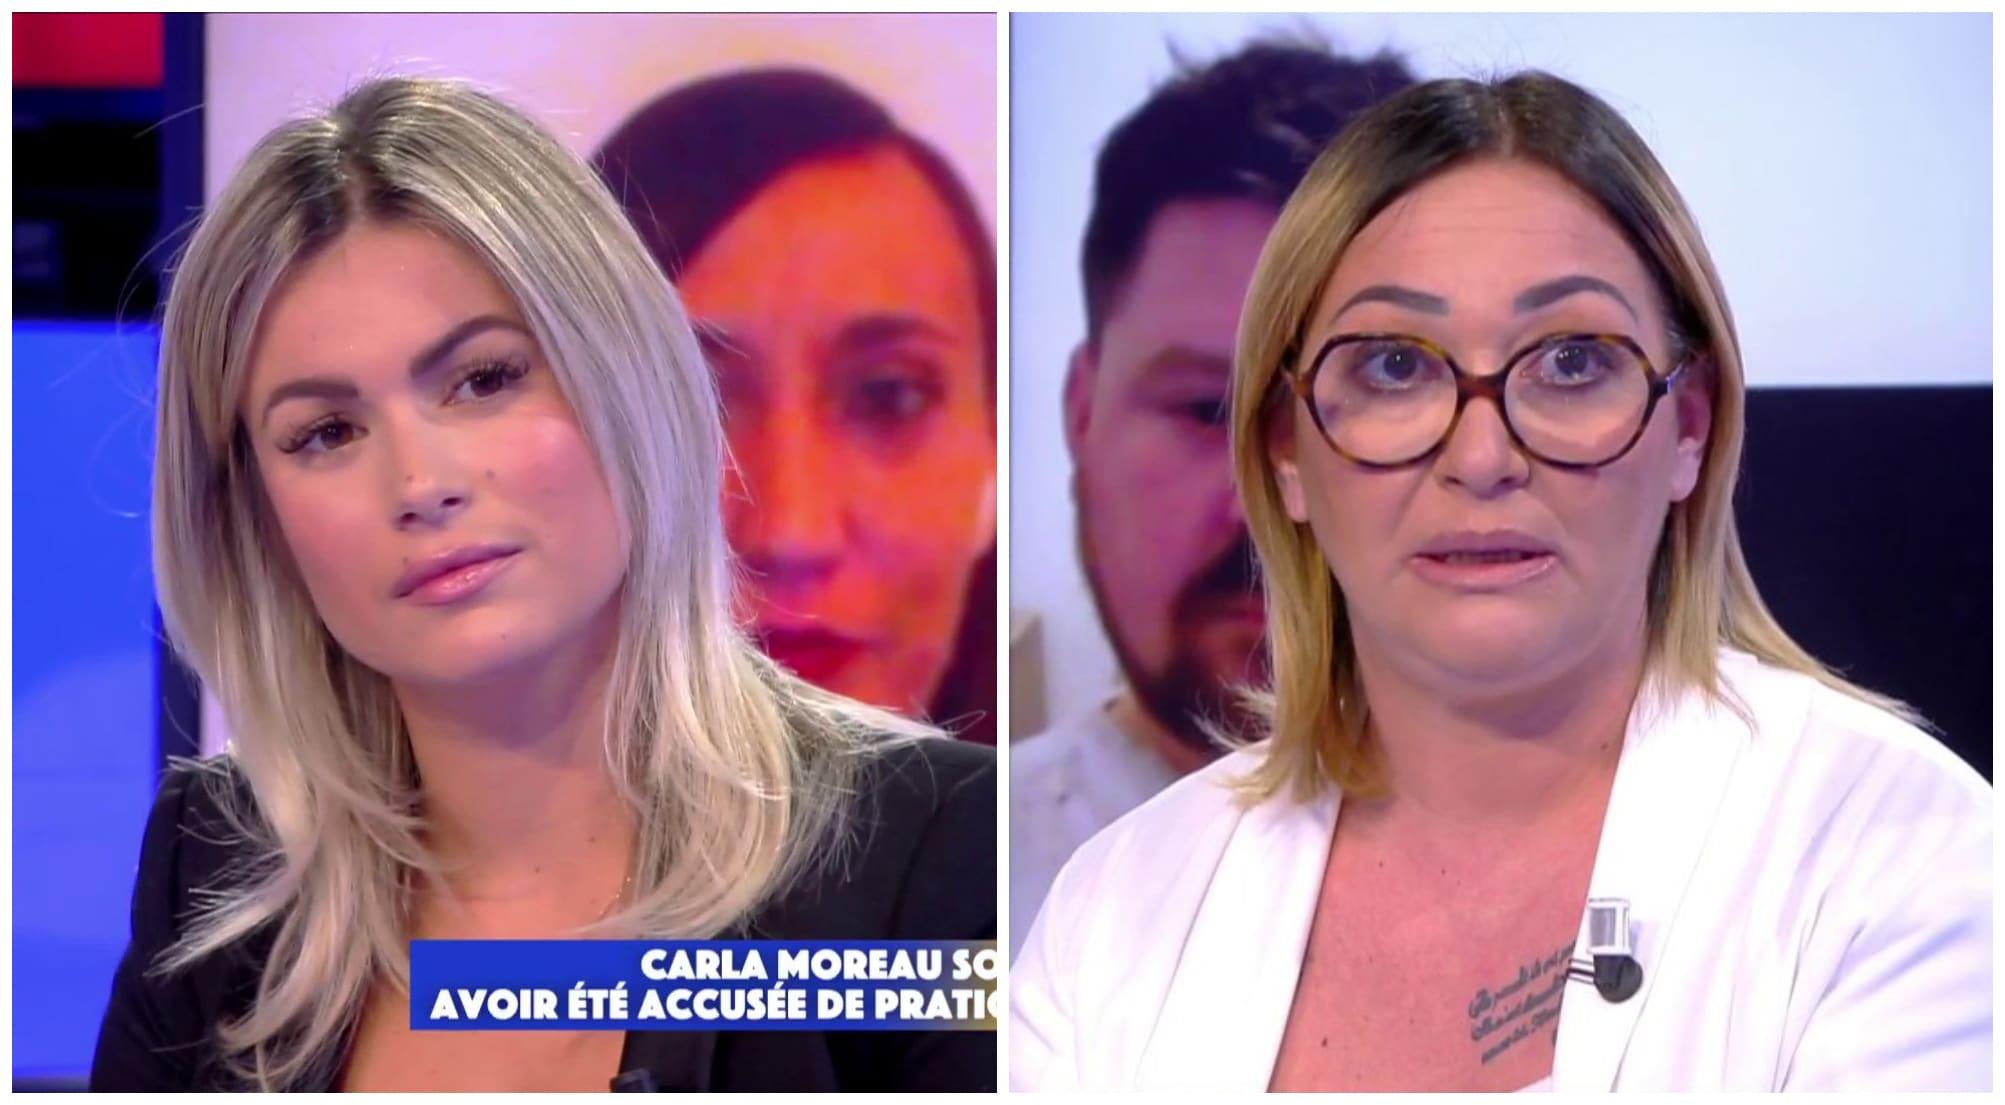 Affaire Carla Moreau : une vidéo de l'avocate de la voyante Danae devient virale